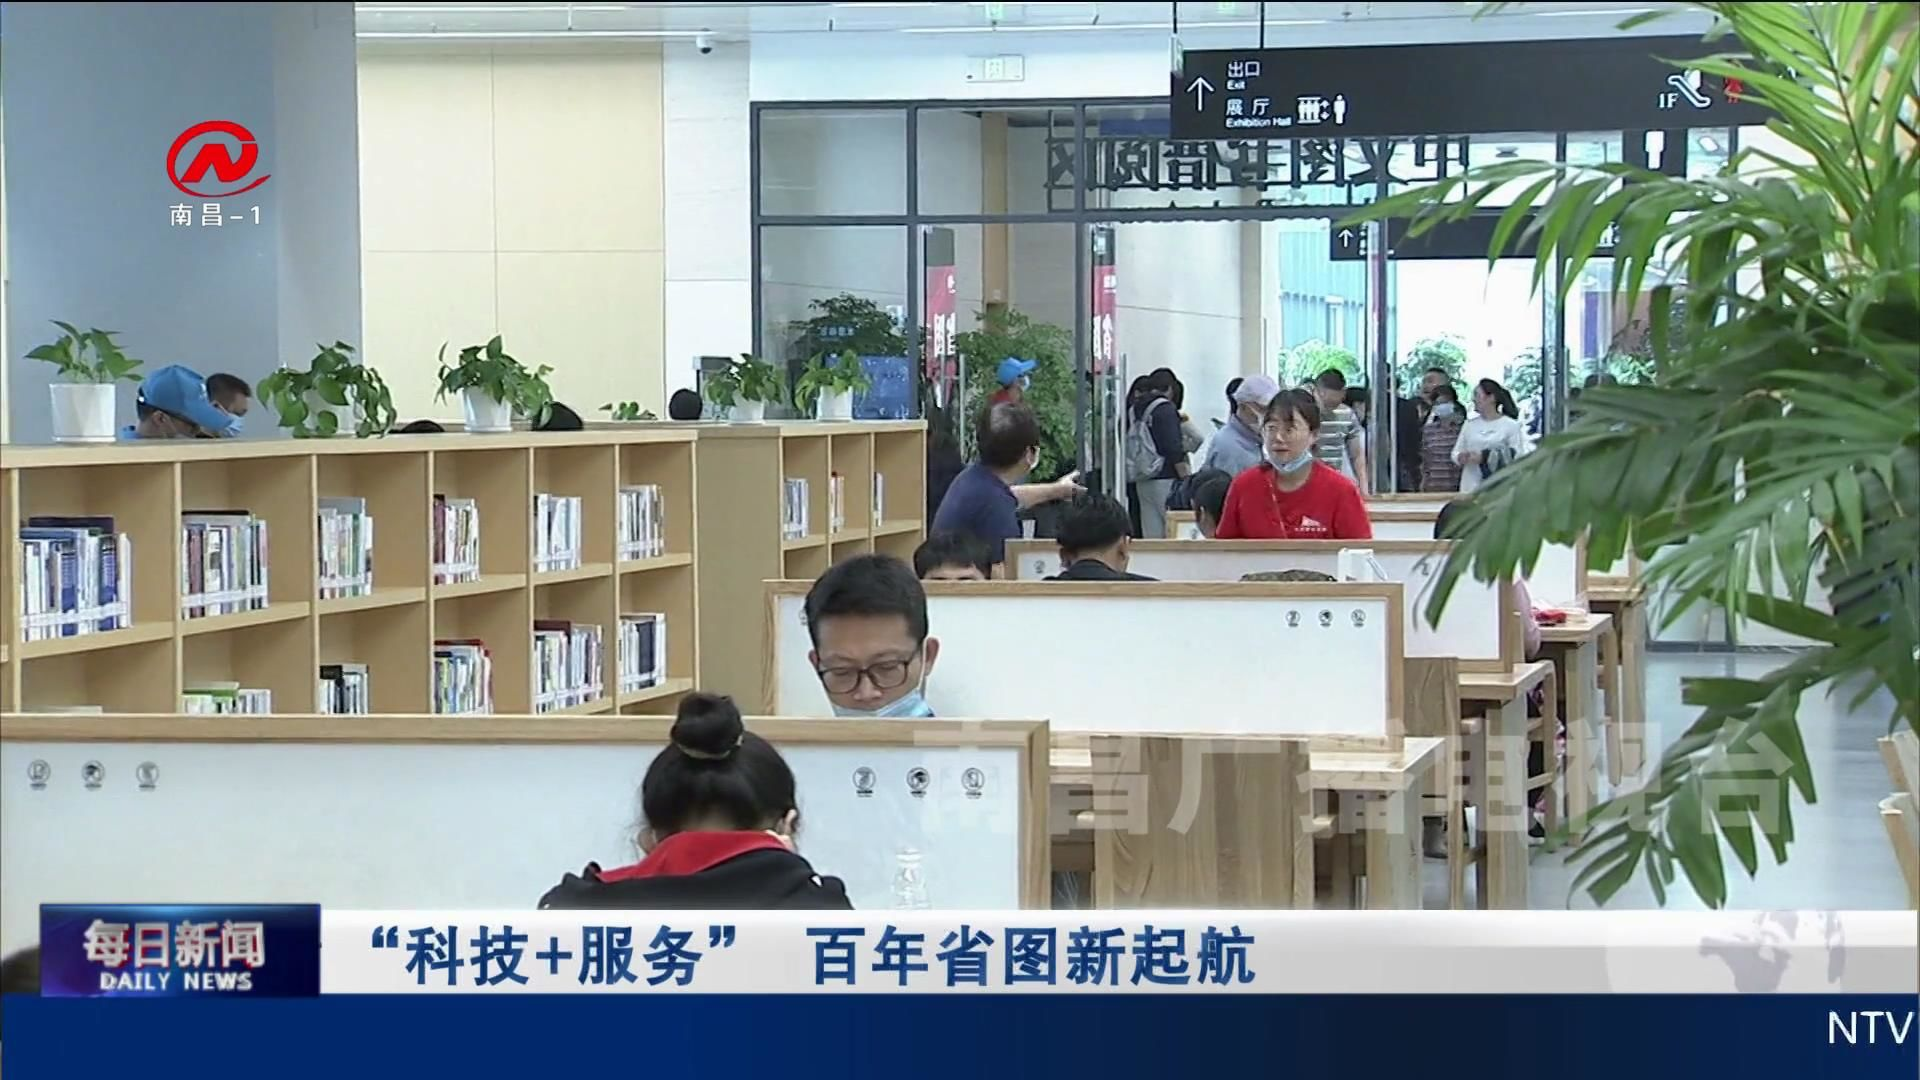 """【深化文明创建】""""科技+服务"""" 百年省图新起航"""